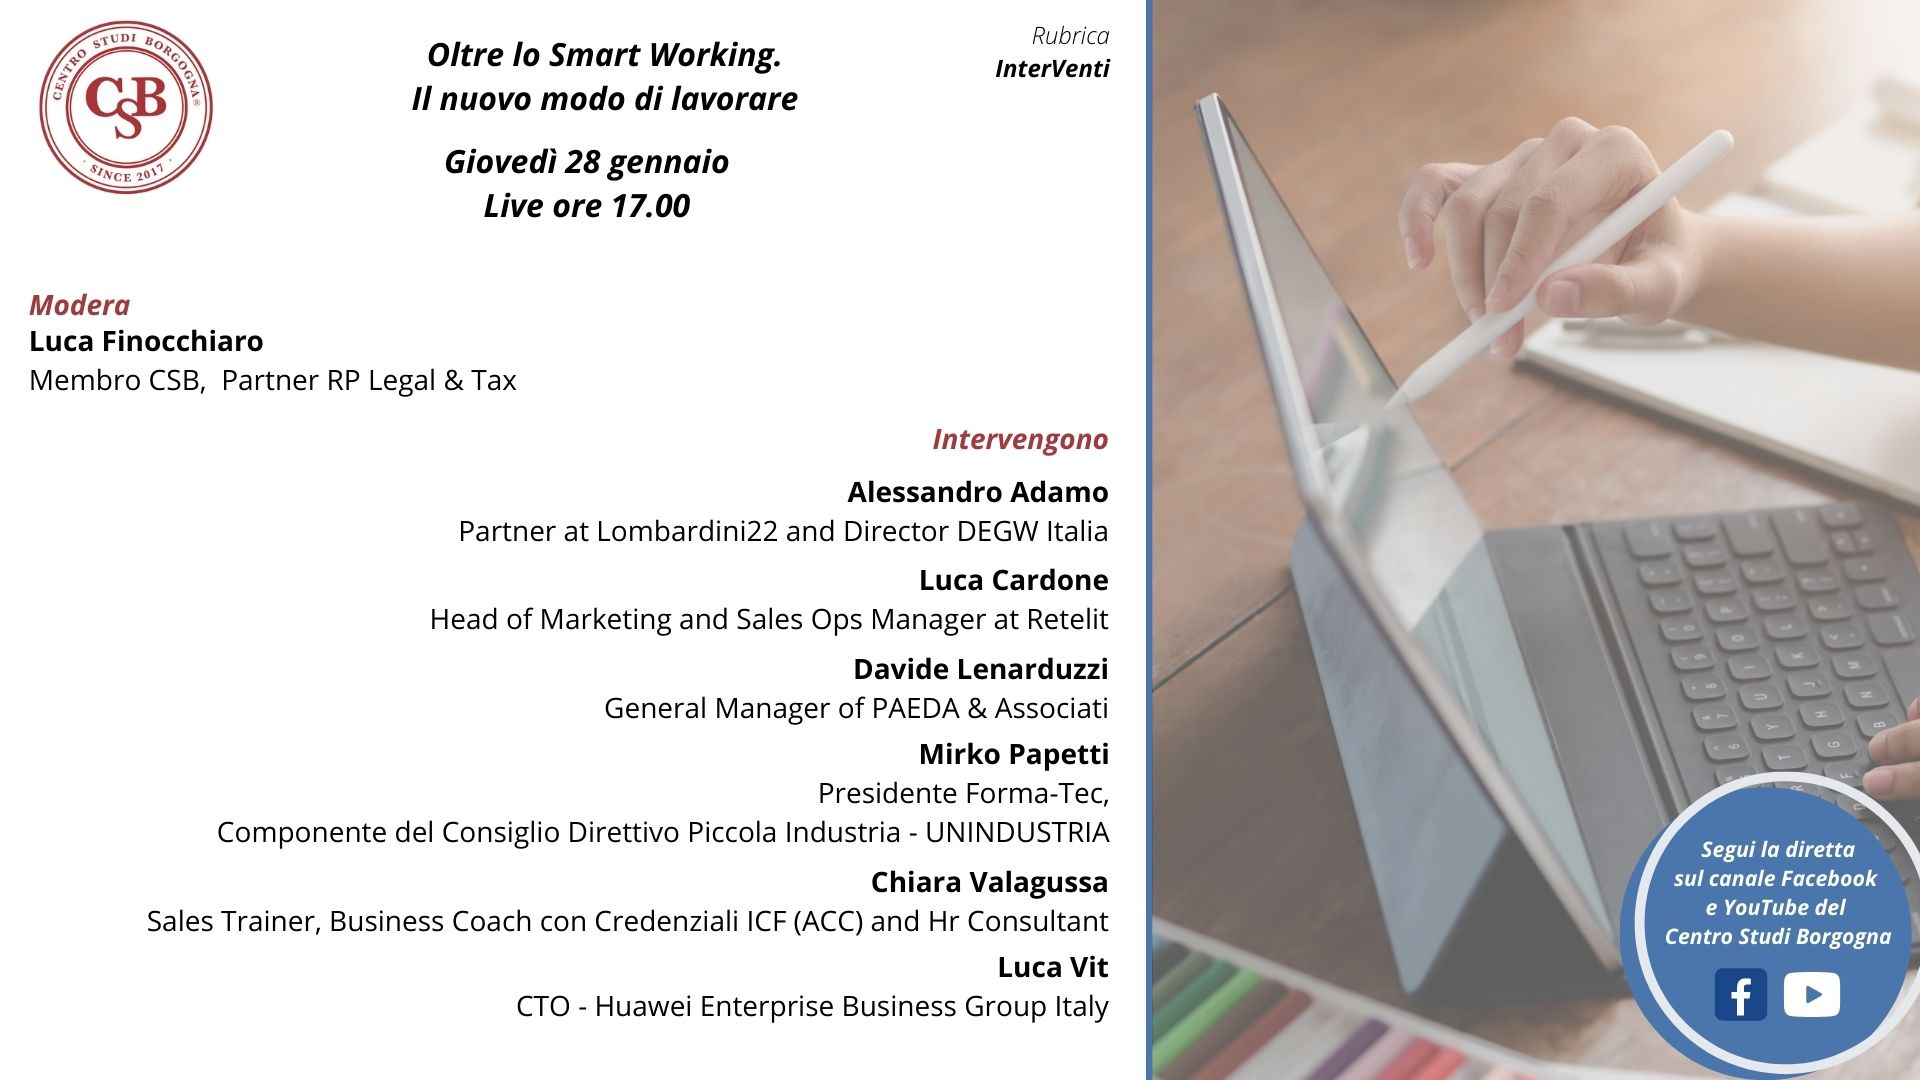 """Centro studi Borgogna """"Oltre lo Smart Working: il nuovo modo di lavorare"""""""